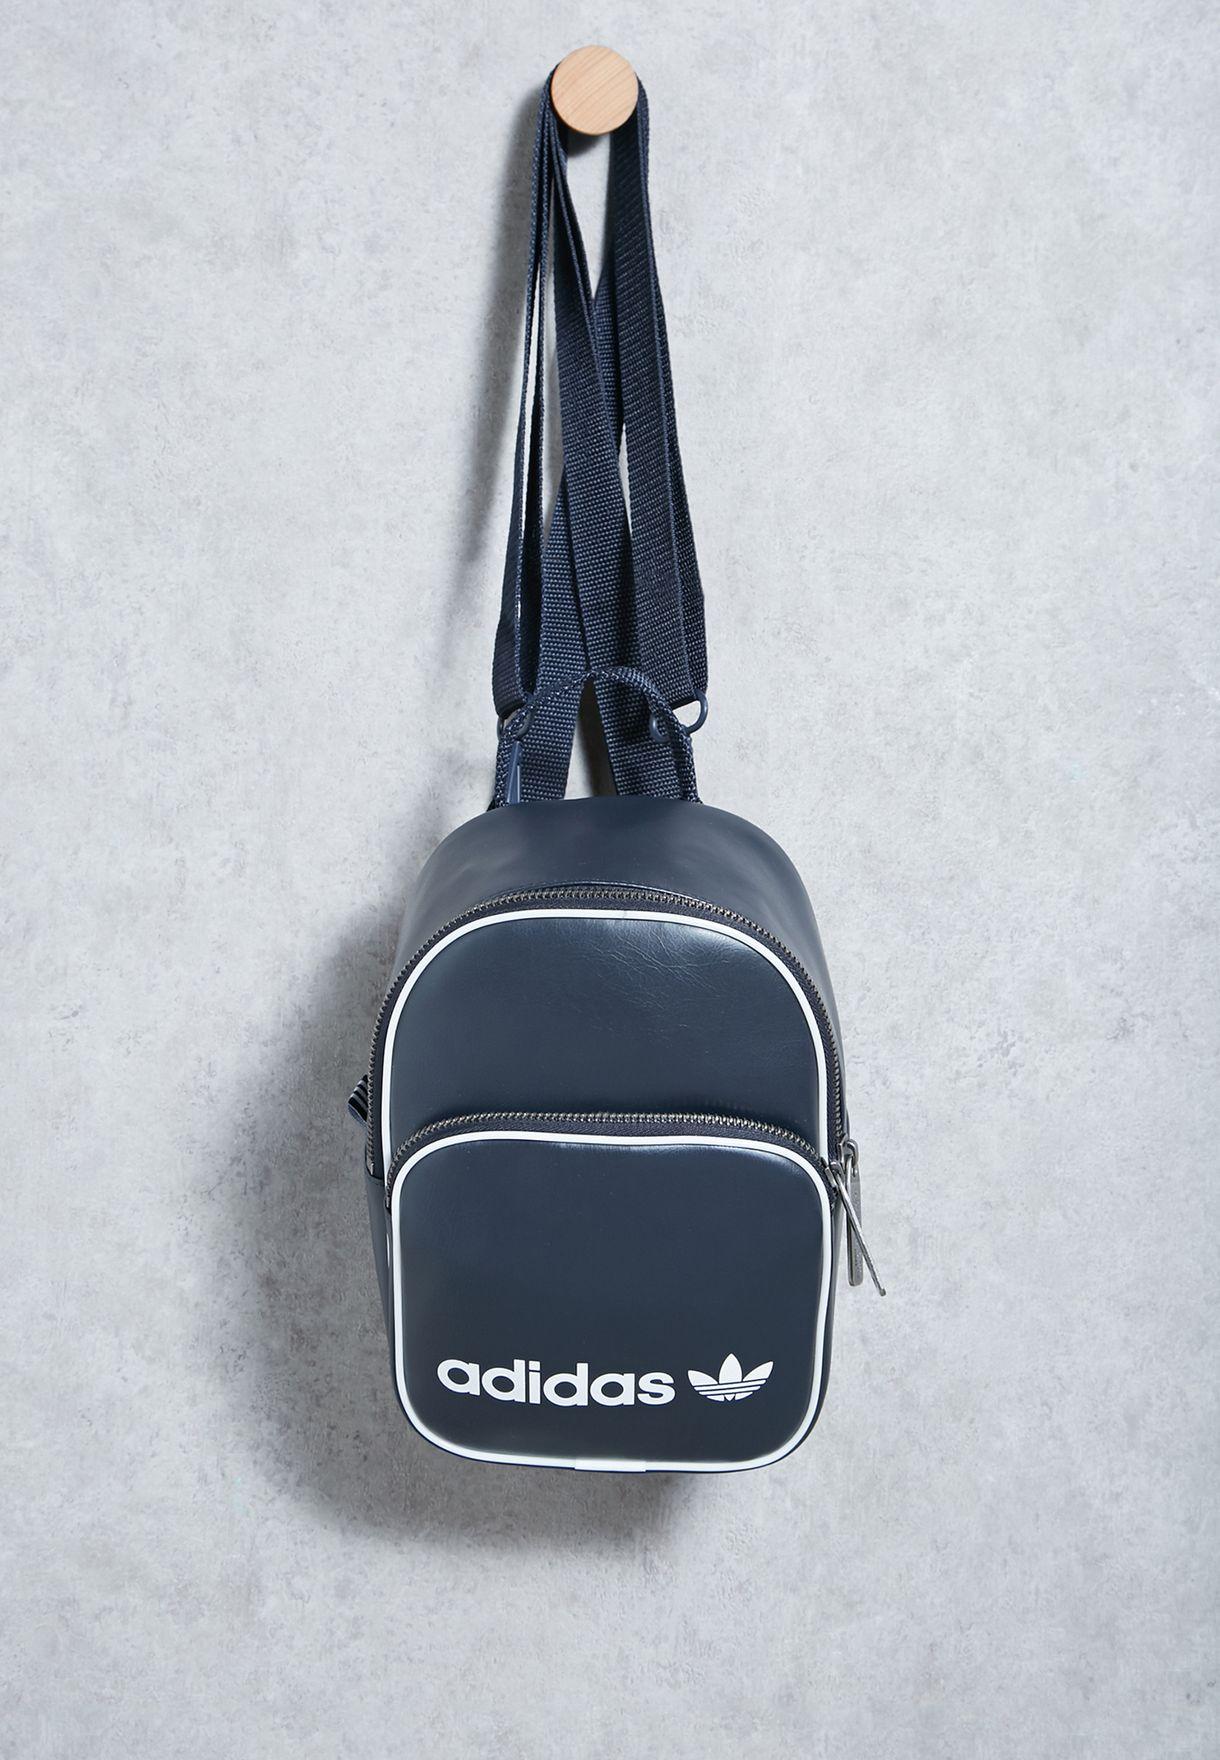 Adidas Mini Backpack Grey- Fenix Toulouse Handball eaa328163baf2